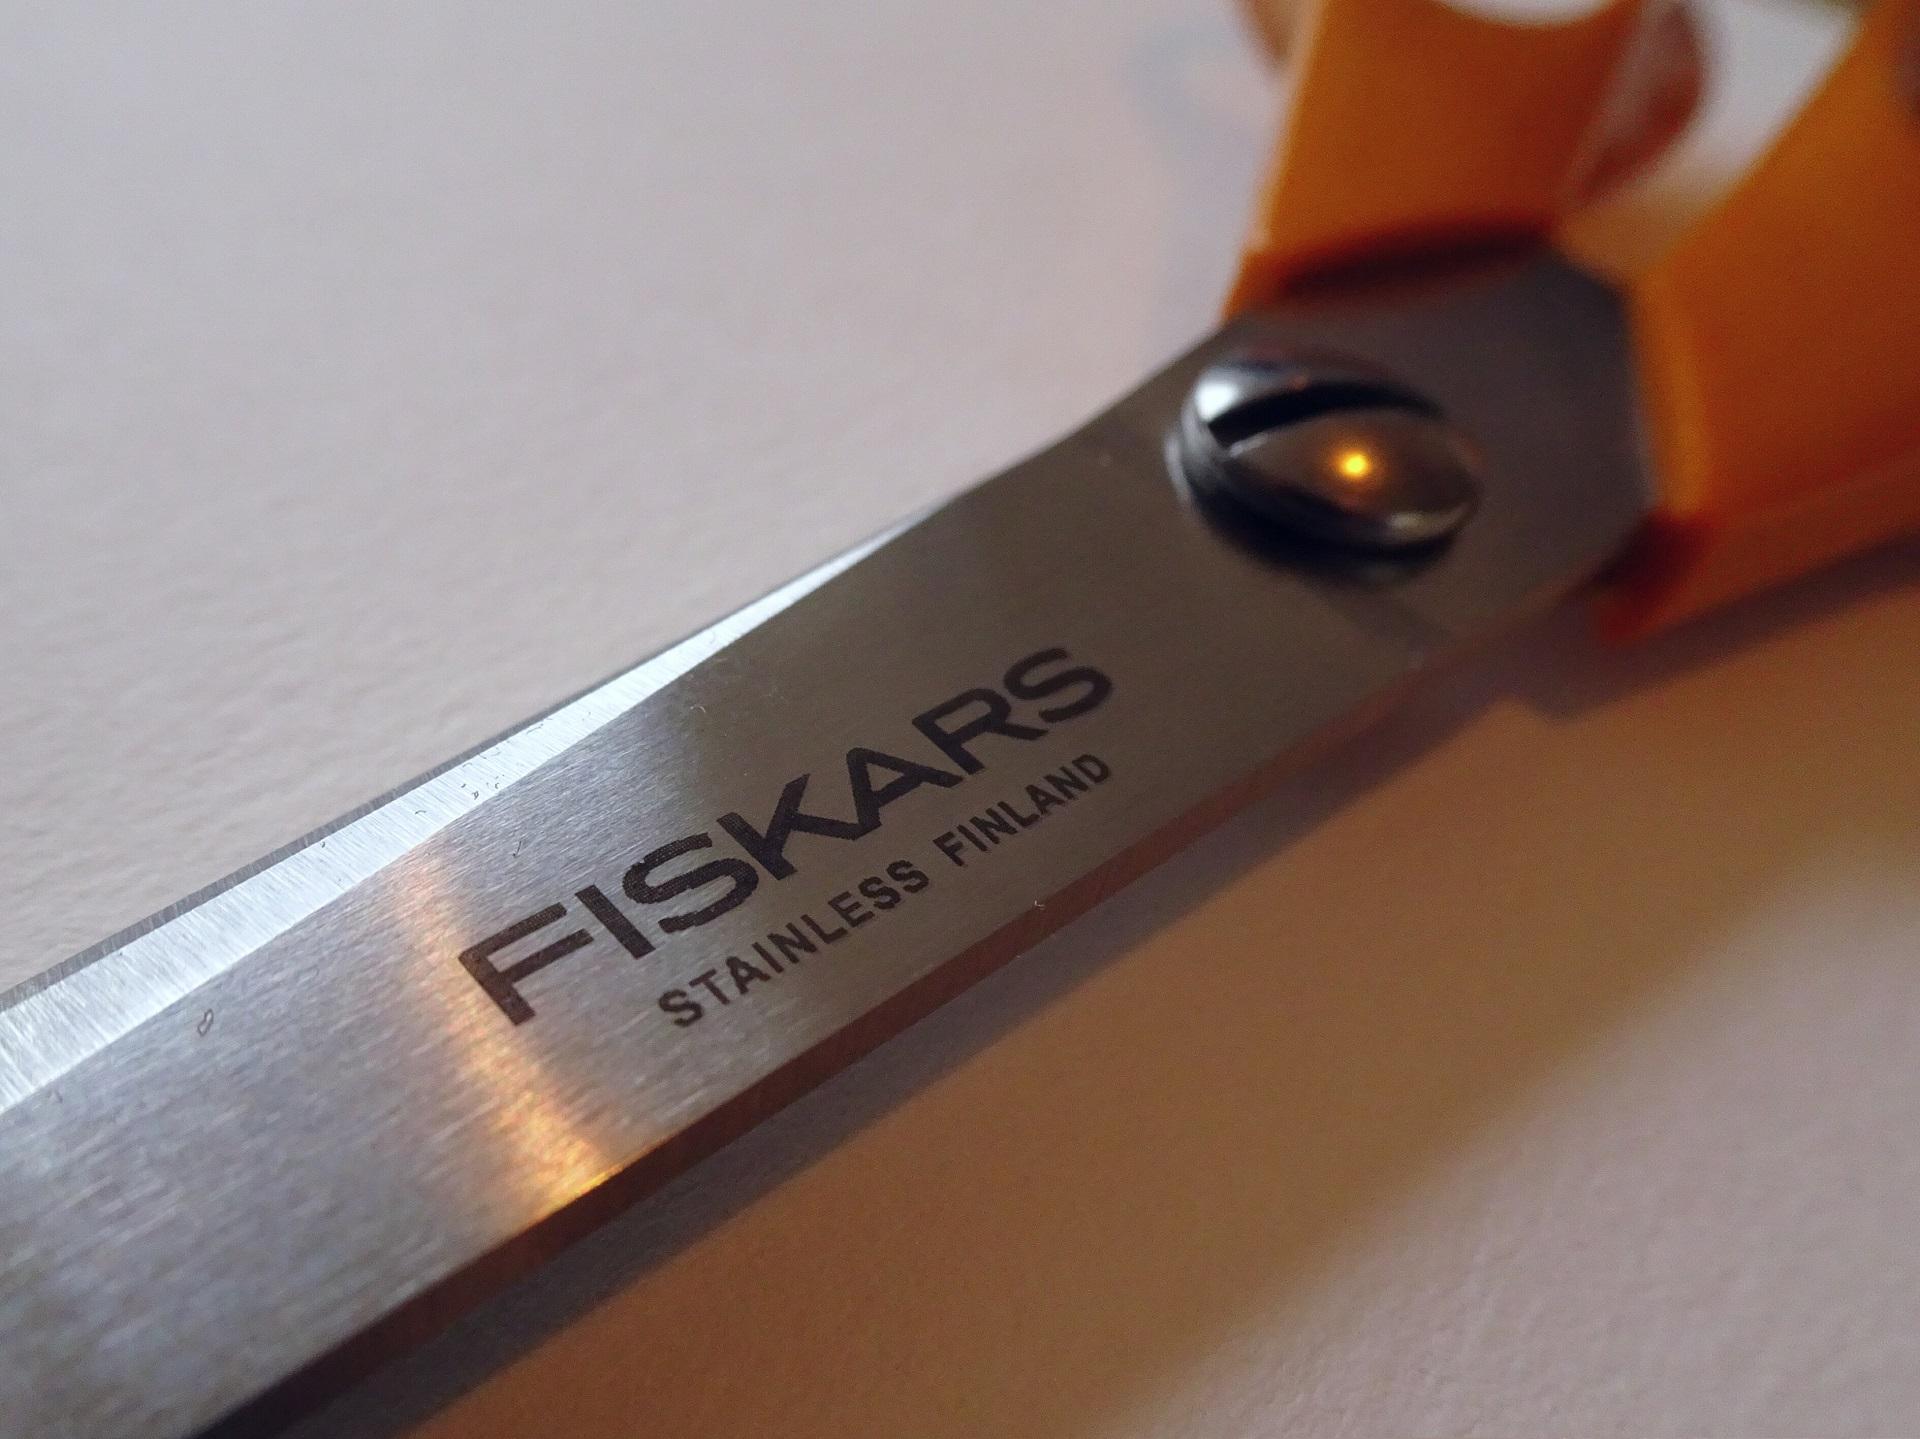 De Fiskars schaar met oranje handgrepen is een klassieker die al ruim 4 decennia onverminderd populair is.